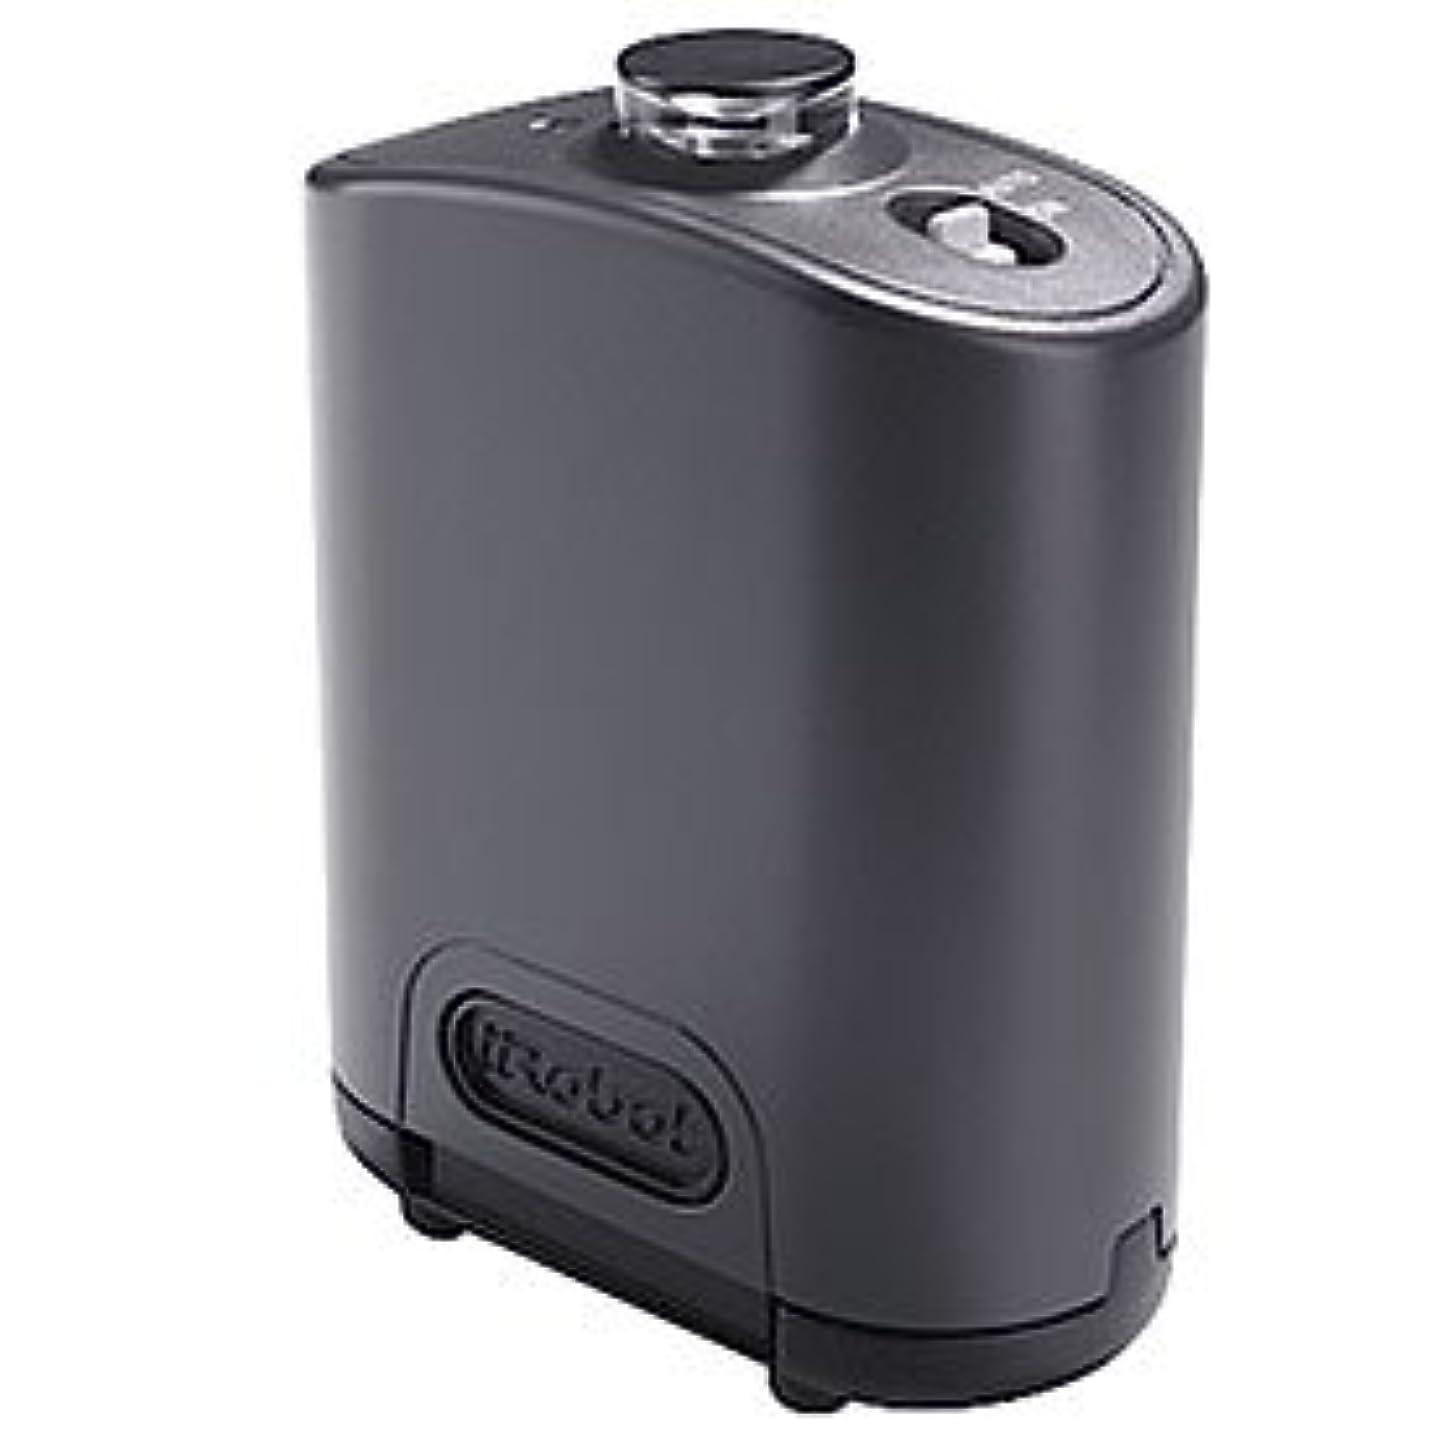 パラシュートアルカイックカラスiRobot Roomba 自動掃除機 オートバーチャルウォール 88701